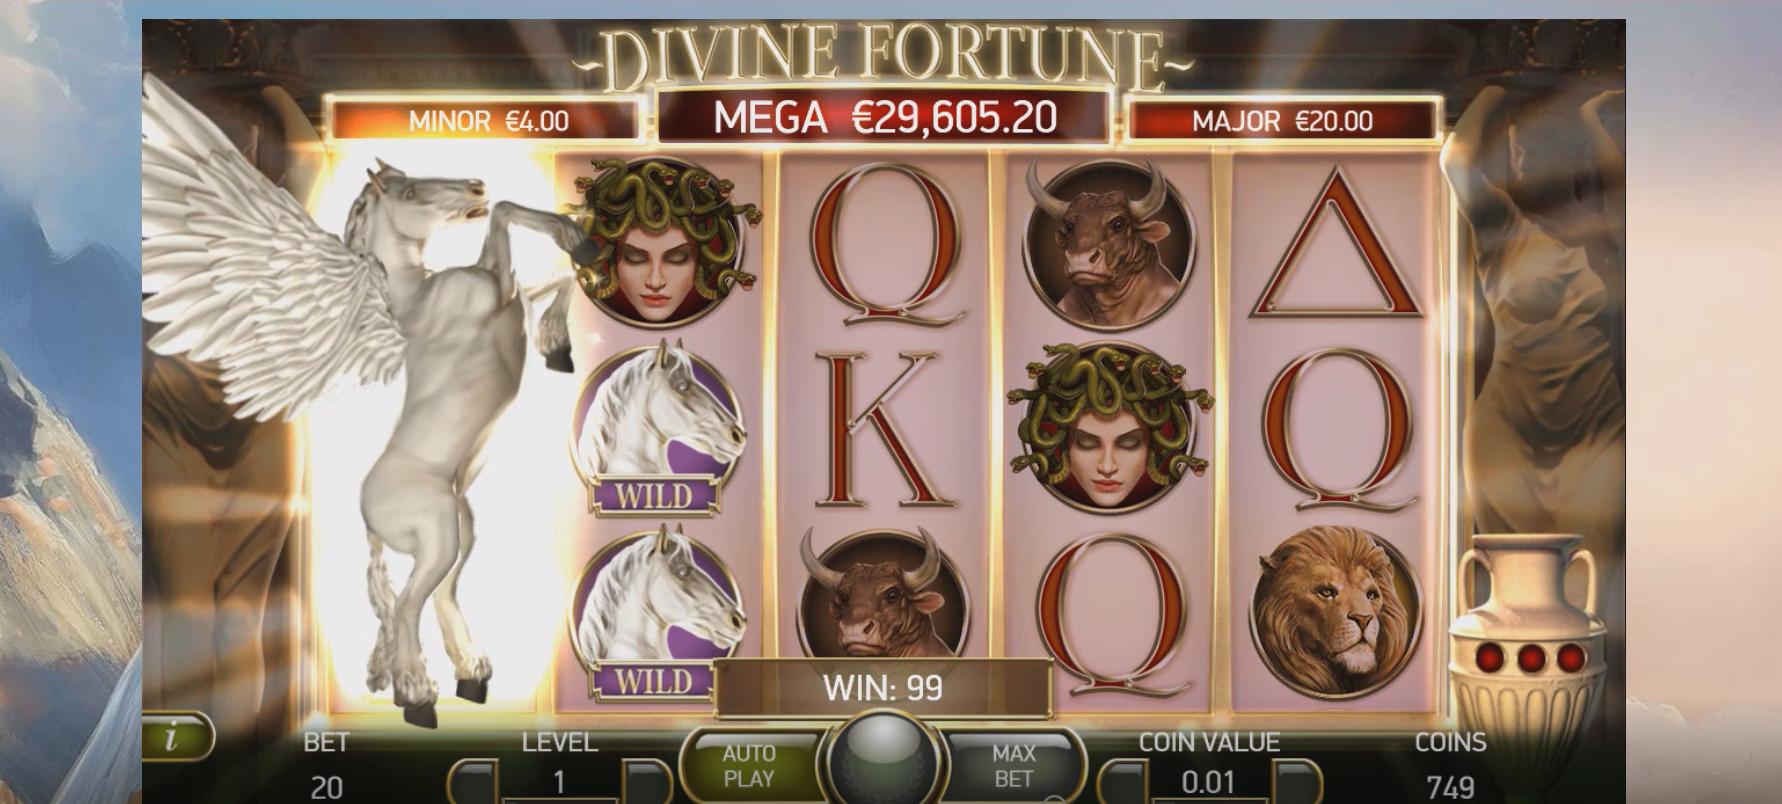 BetSafe kazino bezriska griezieni – 5 eiro, 8 minūšu laikā